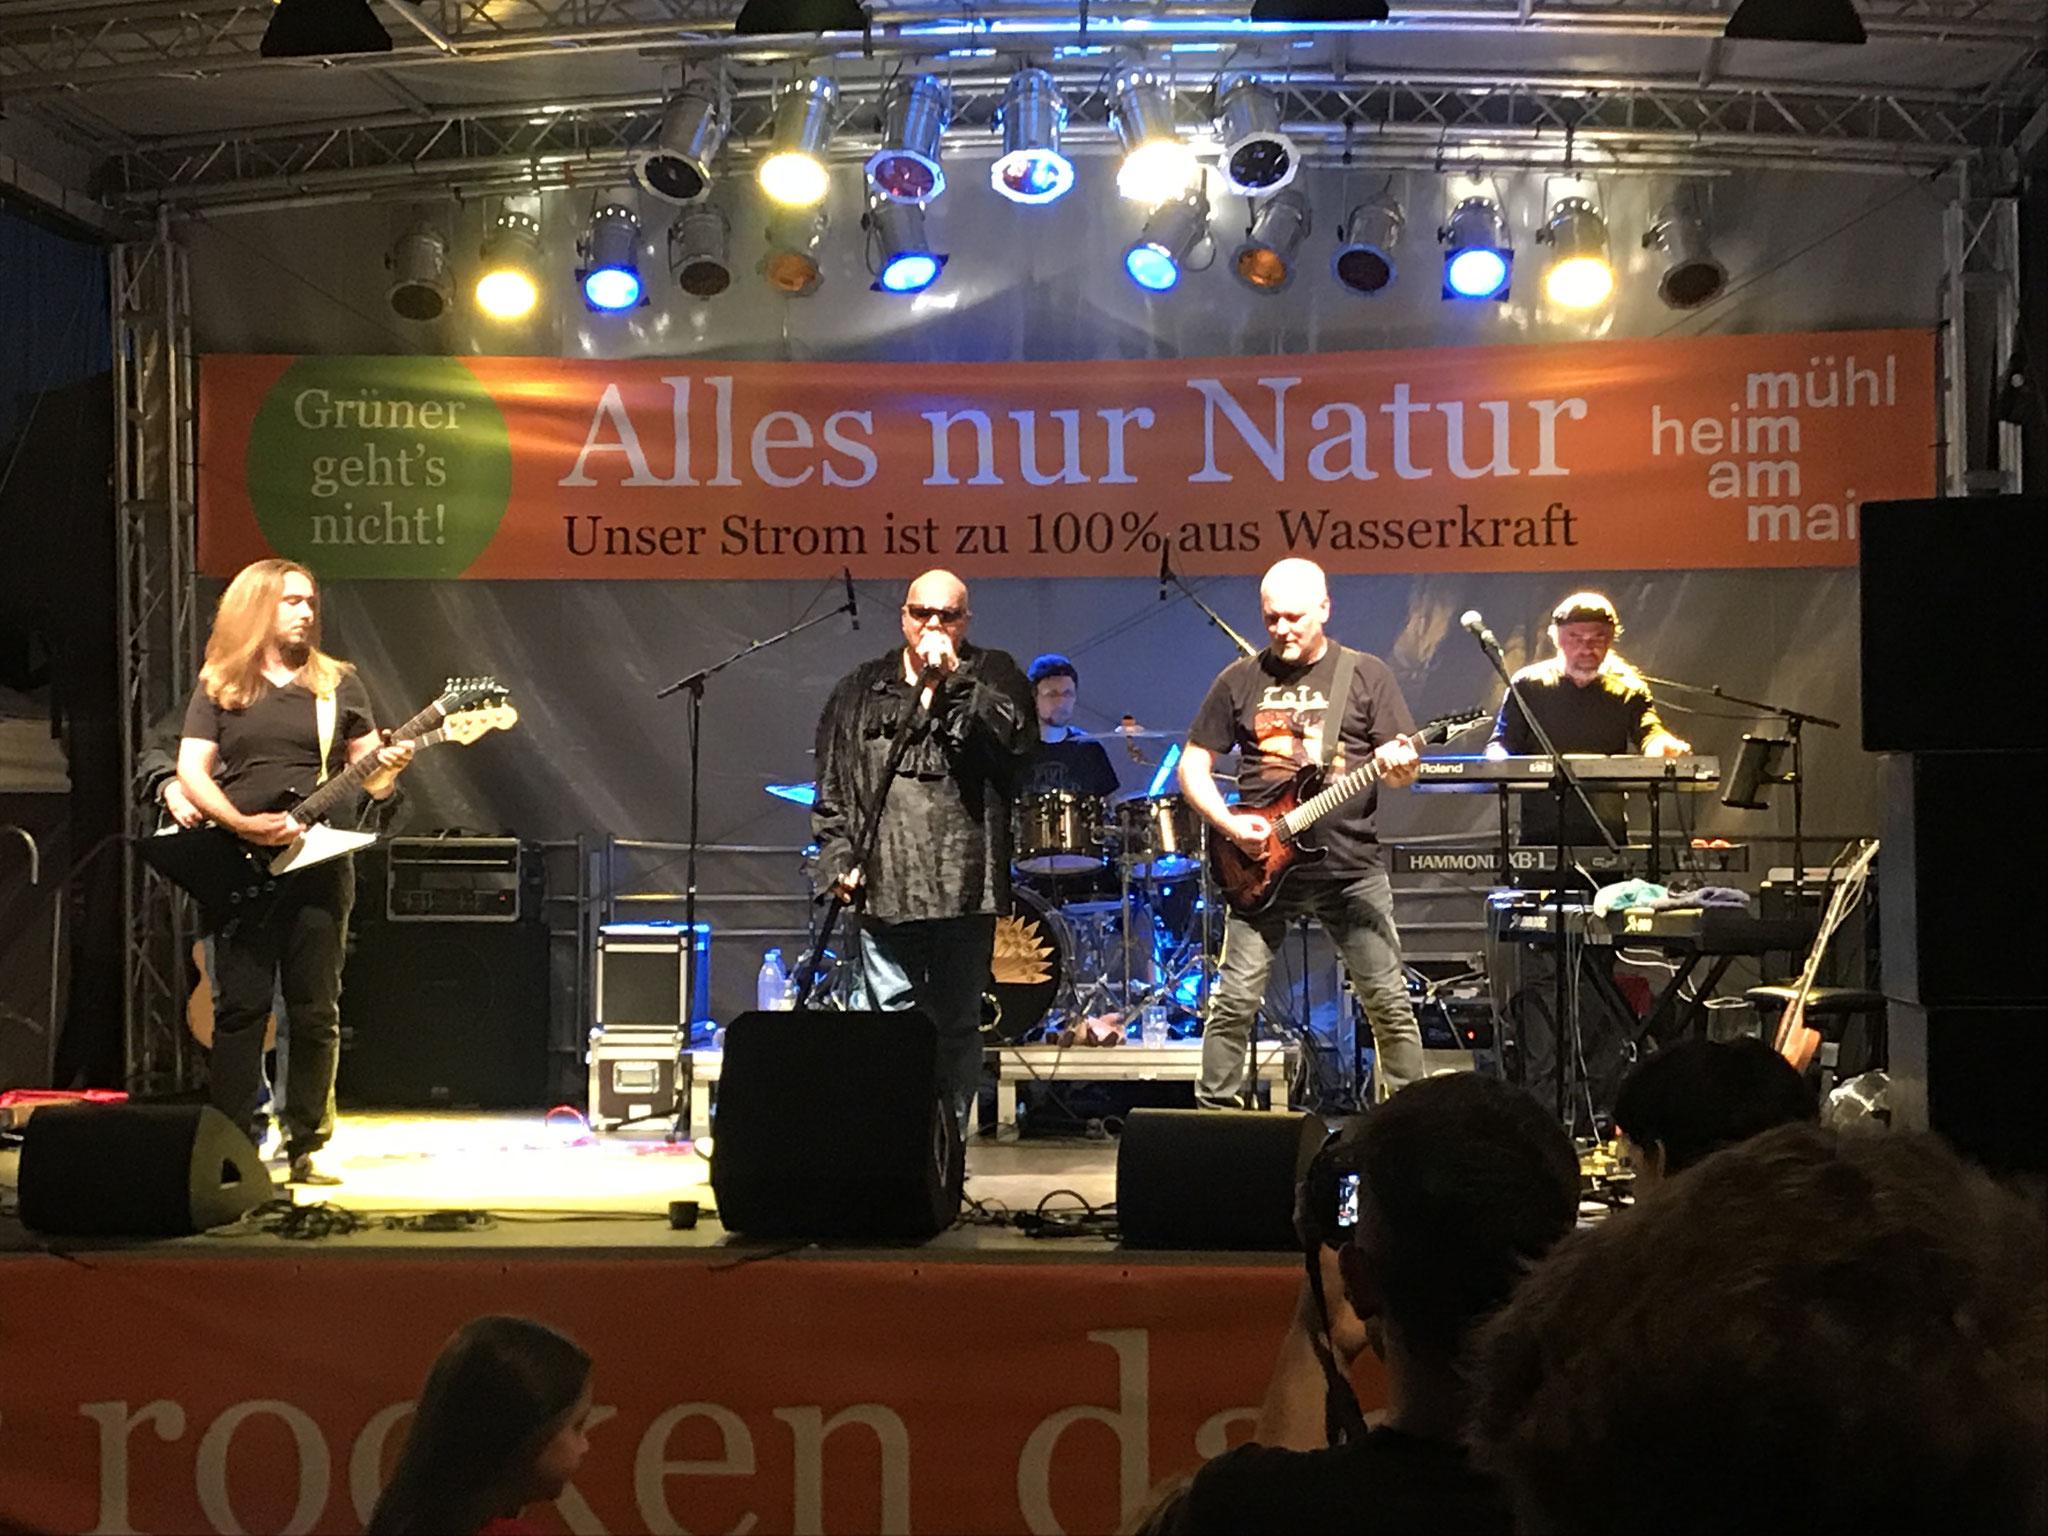 Auf der Bühne: Toja (Mühlheimer Rockband)